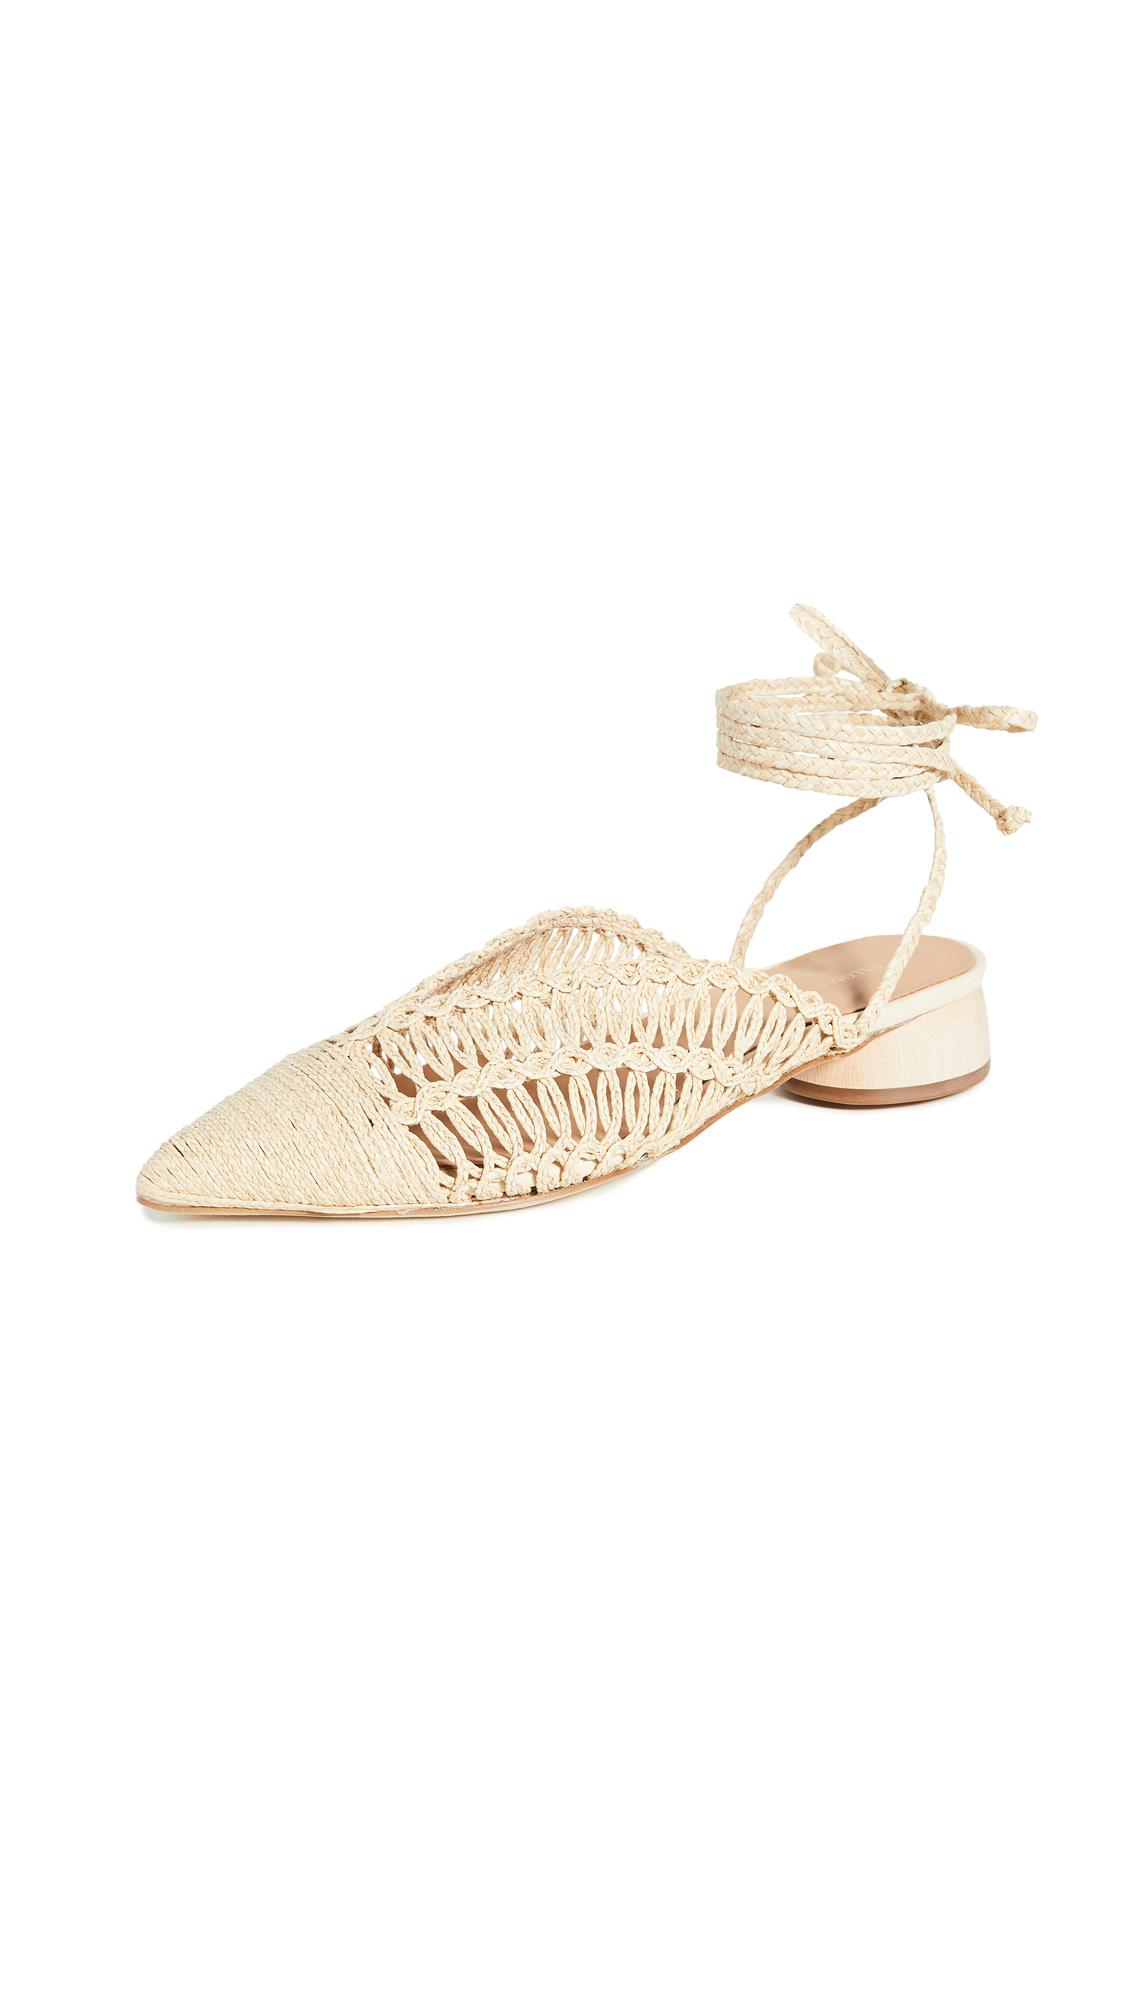 Paloma Barcelo Nelia Flats – 30% Off Sale